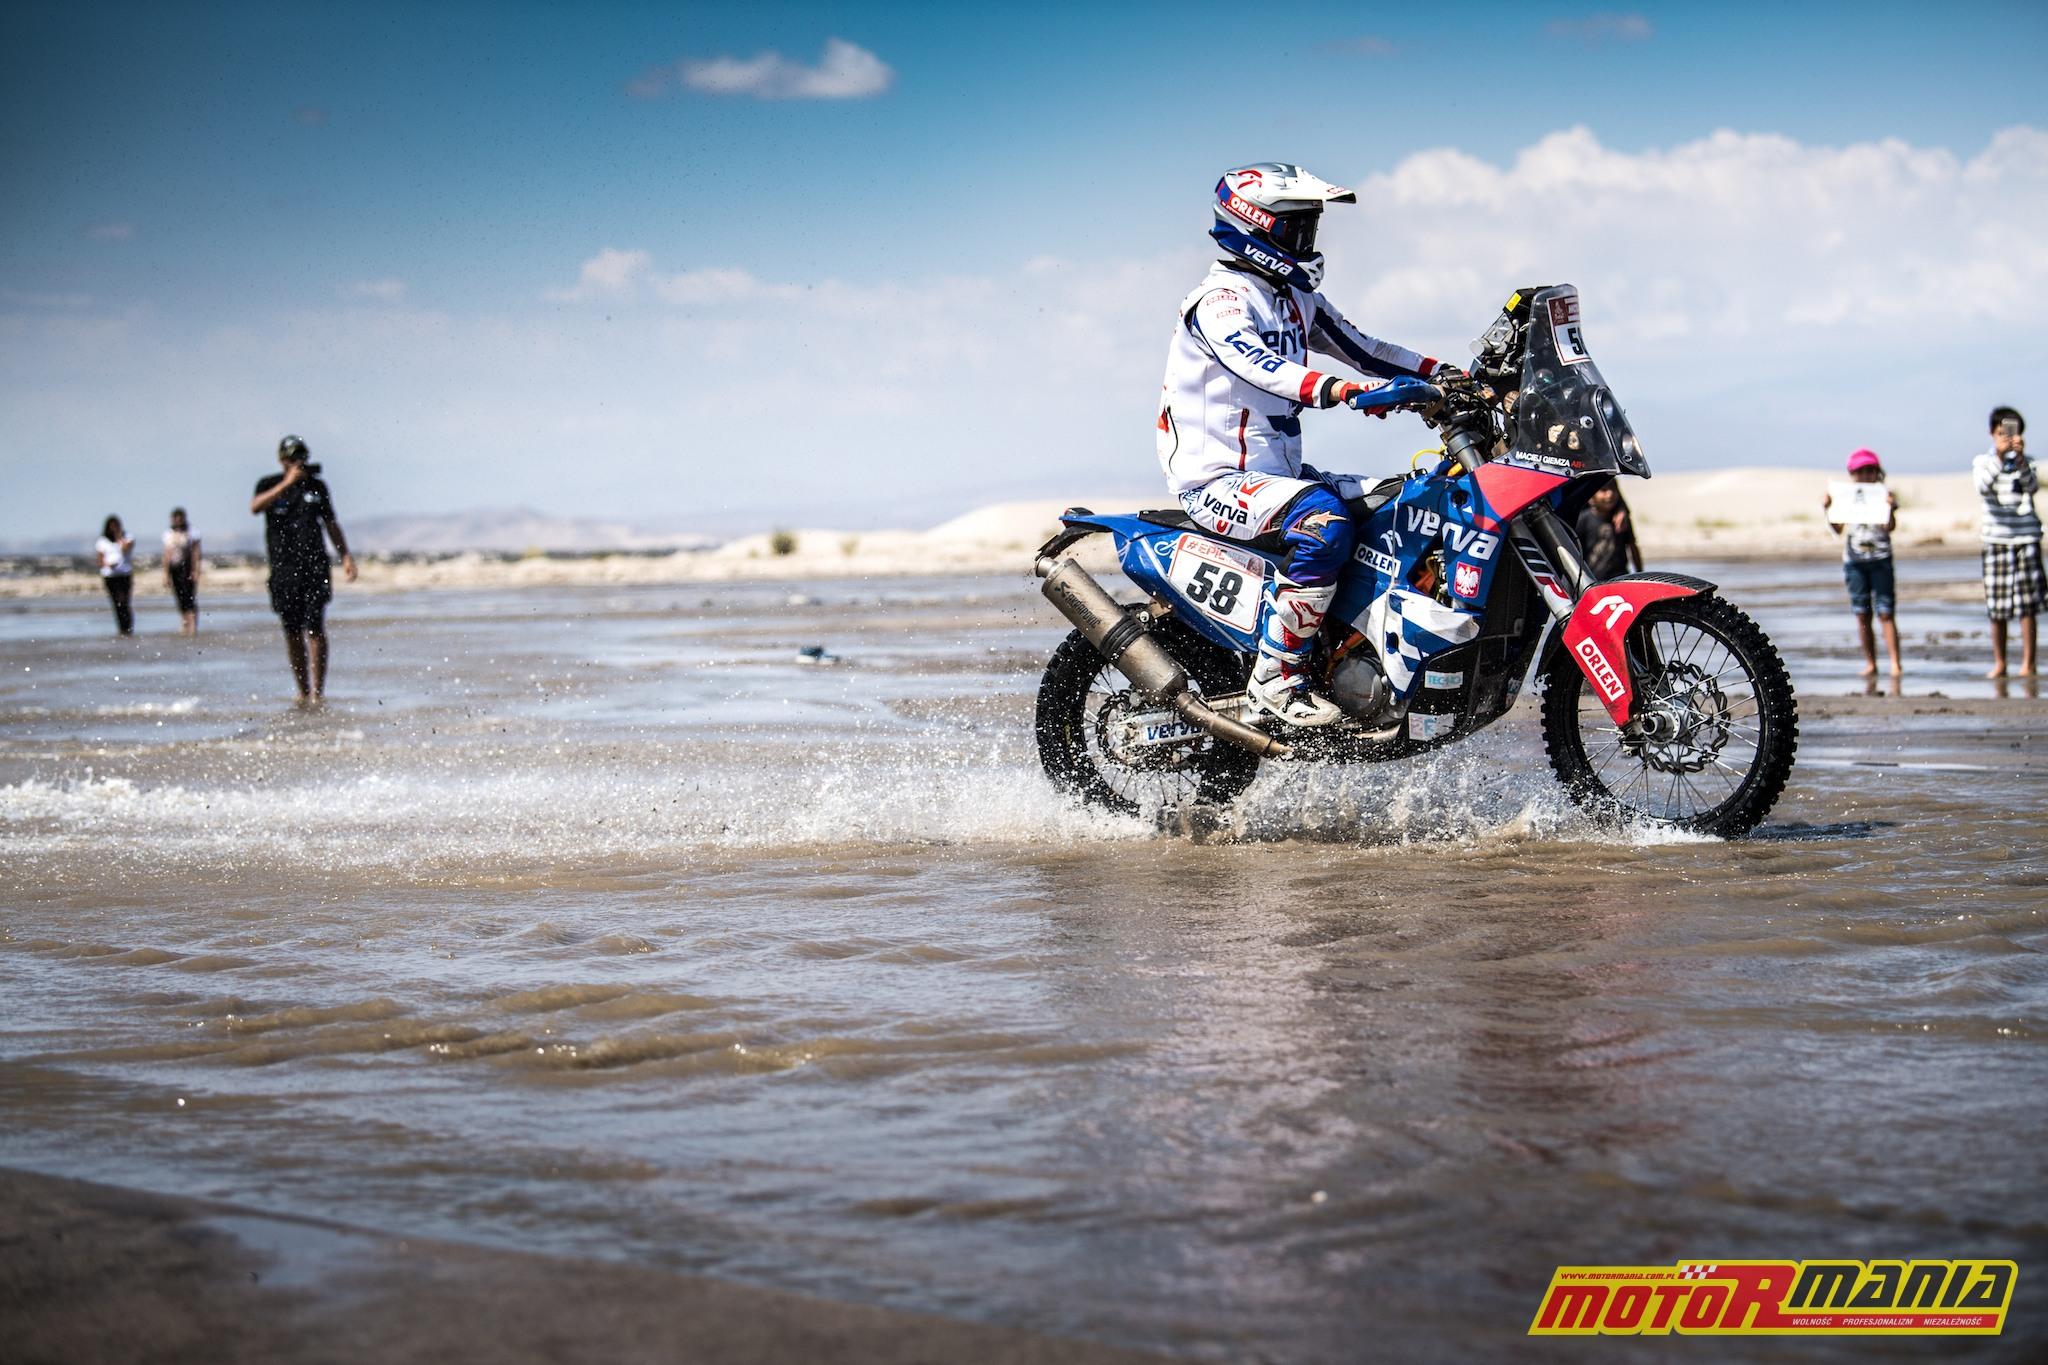 Dakar2018 D11 ORLEN_Team Giemza MCH_Photo_2 — kopia